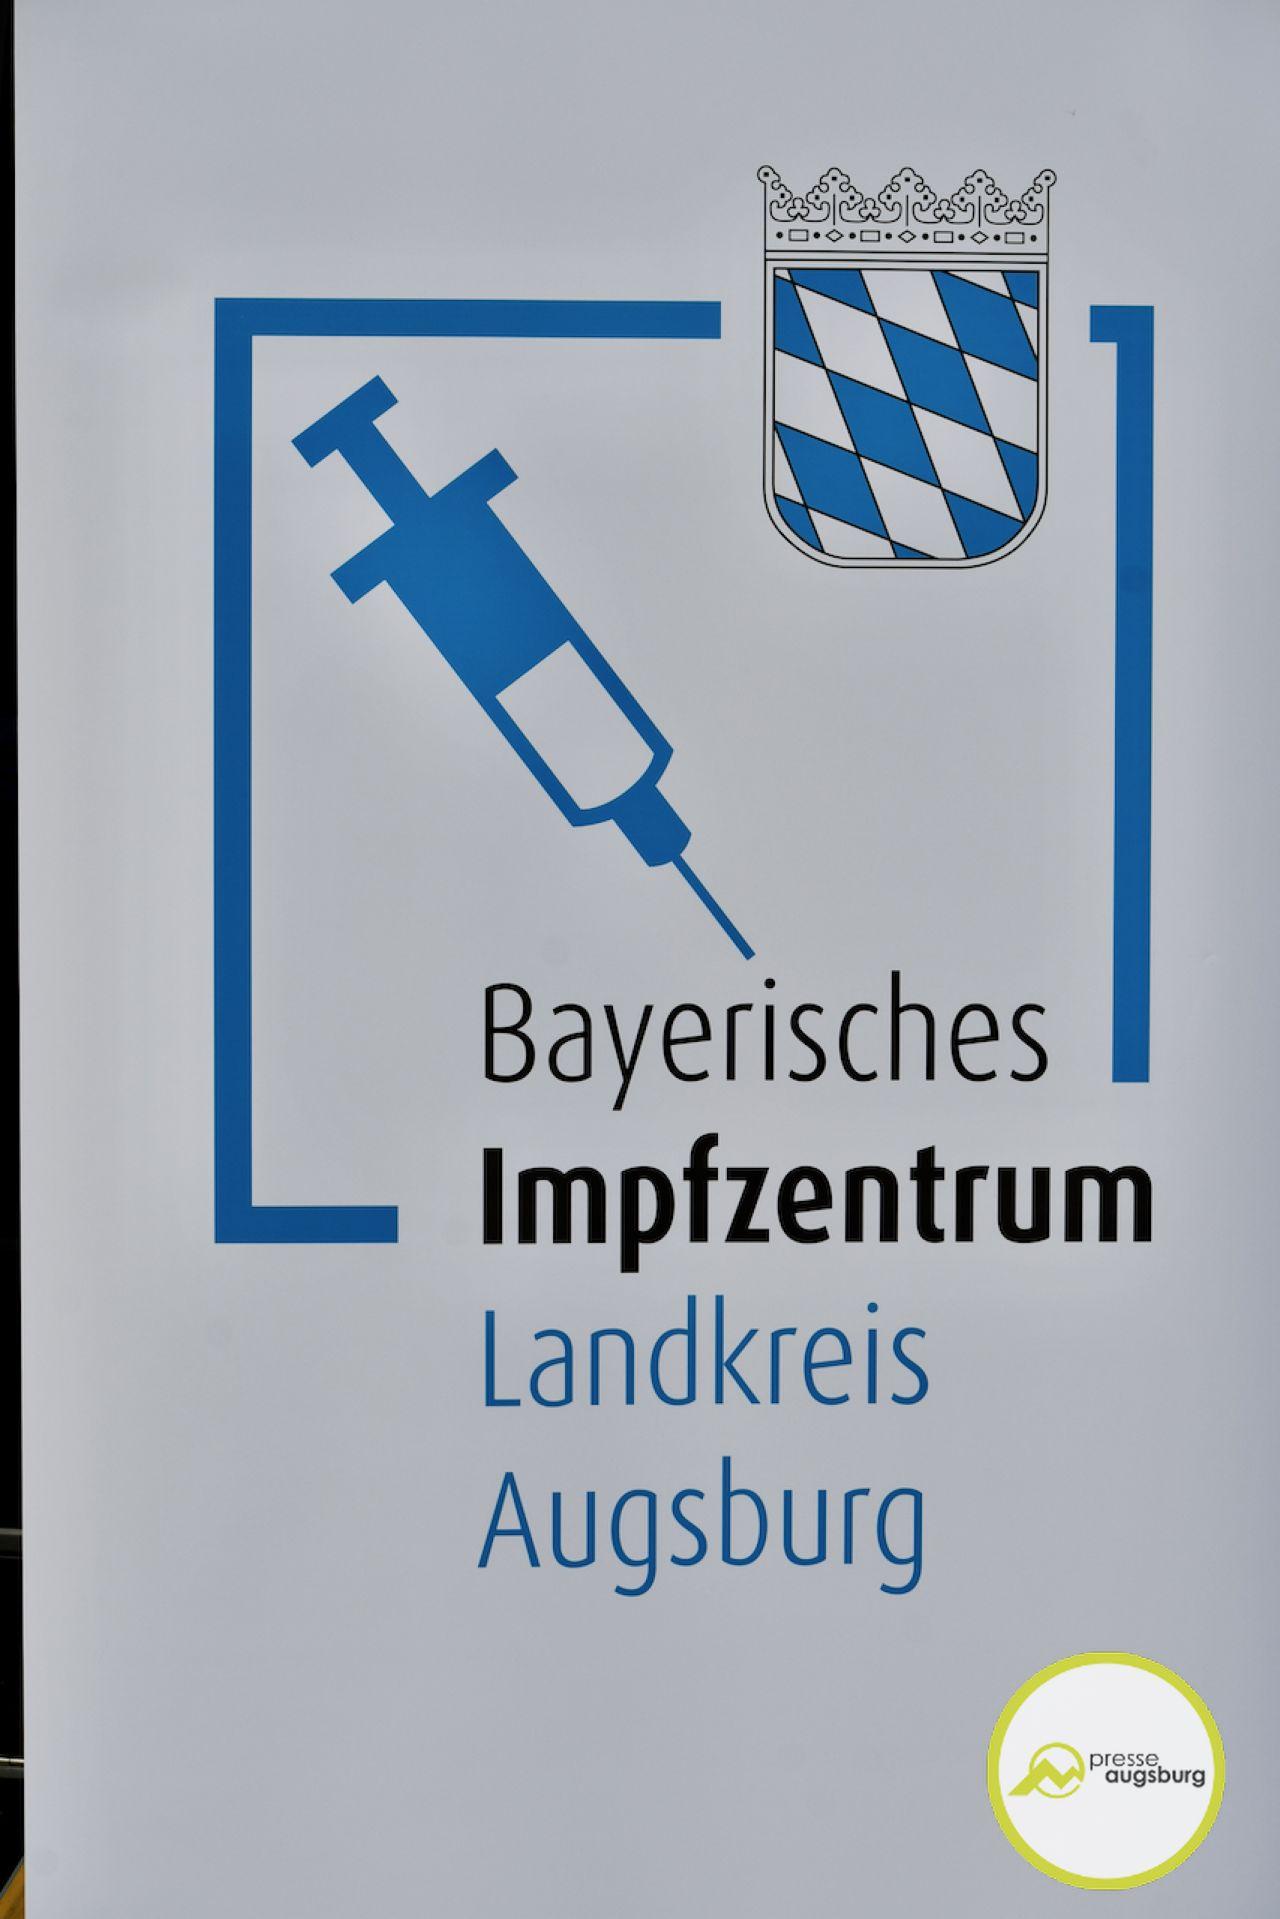 2020 12 16 Impfzentrum Landkreis Augsburg32